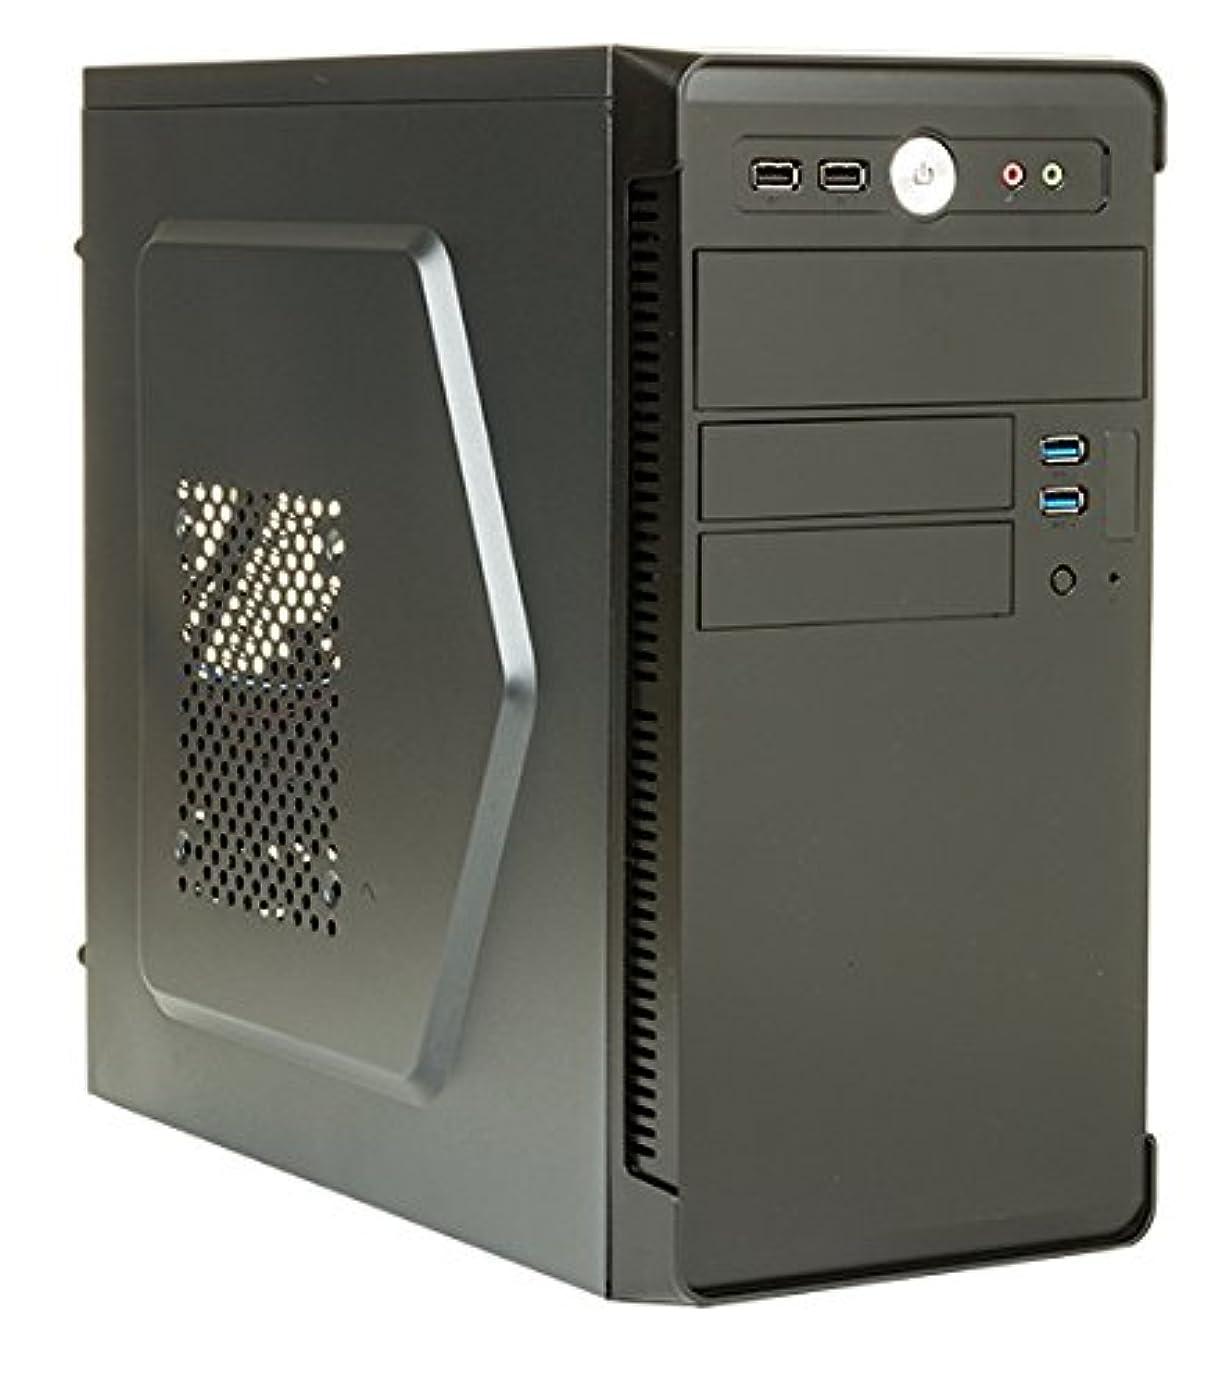 不健康チョーク効能ITEK River Mini-Tower 500 Wブラックコンピュータケース - コンピュータの箱(ミニタワー、PC、Micro-ATX、ブラック、500 W、上部)